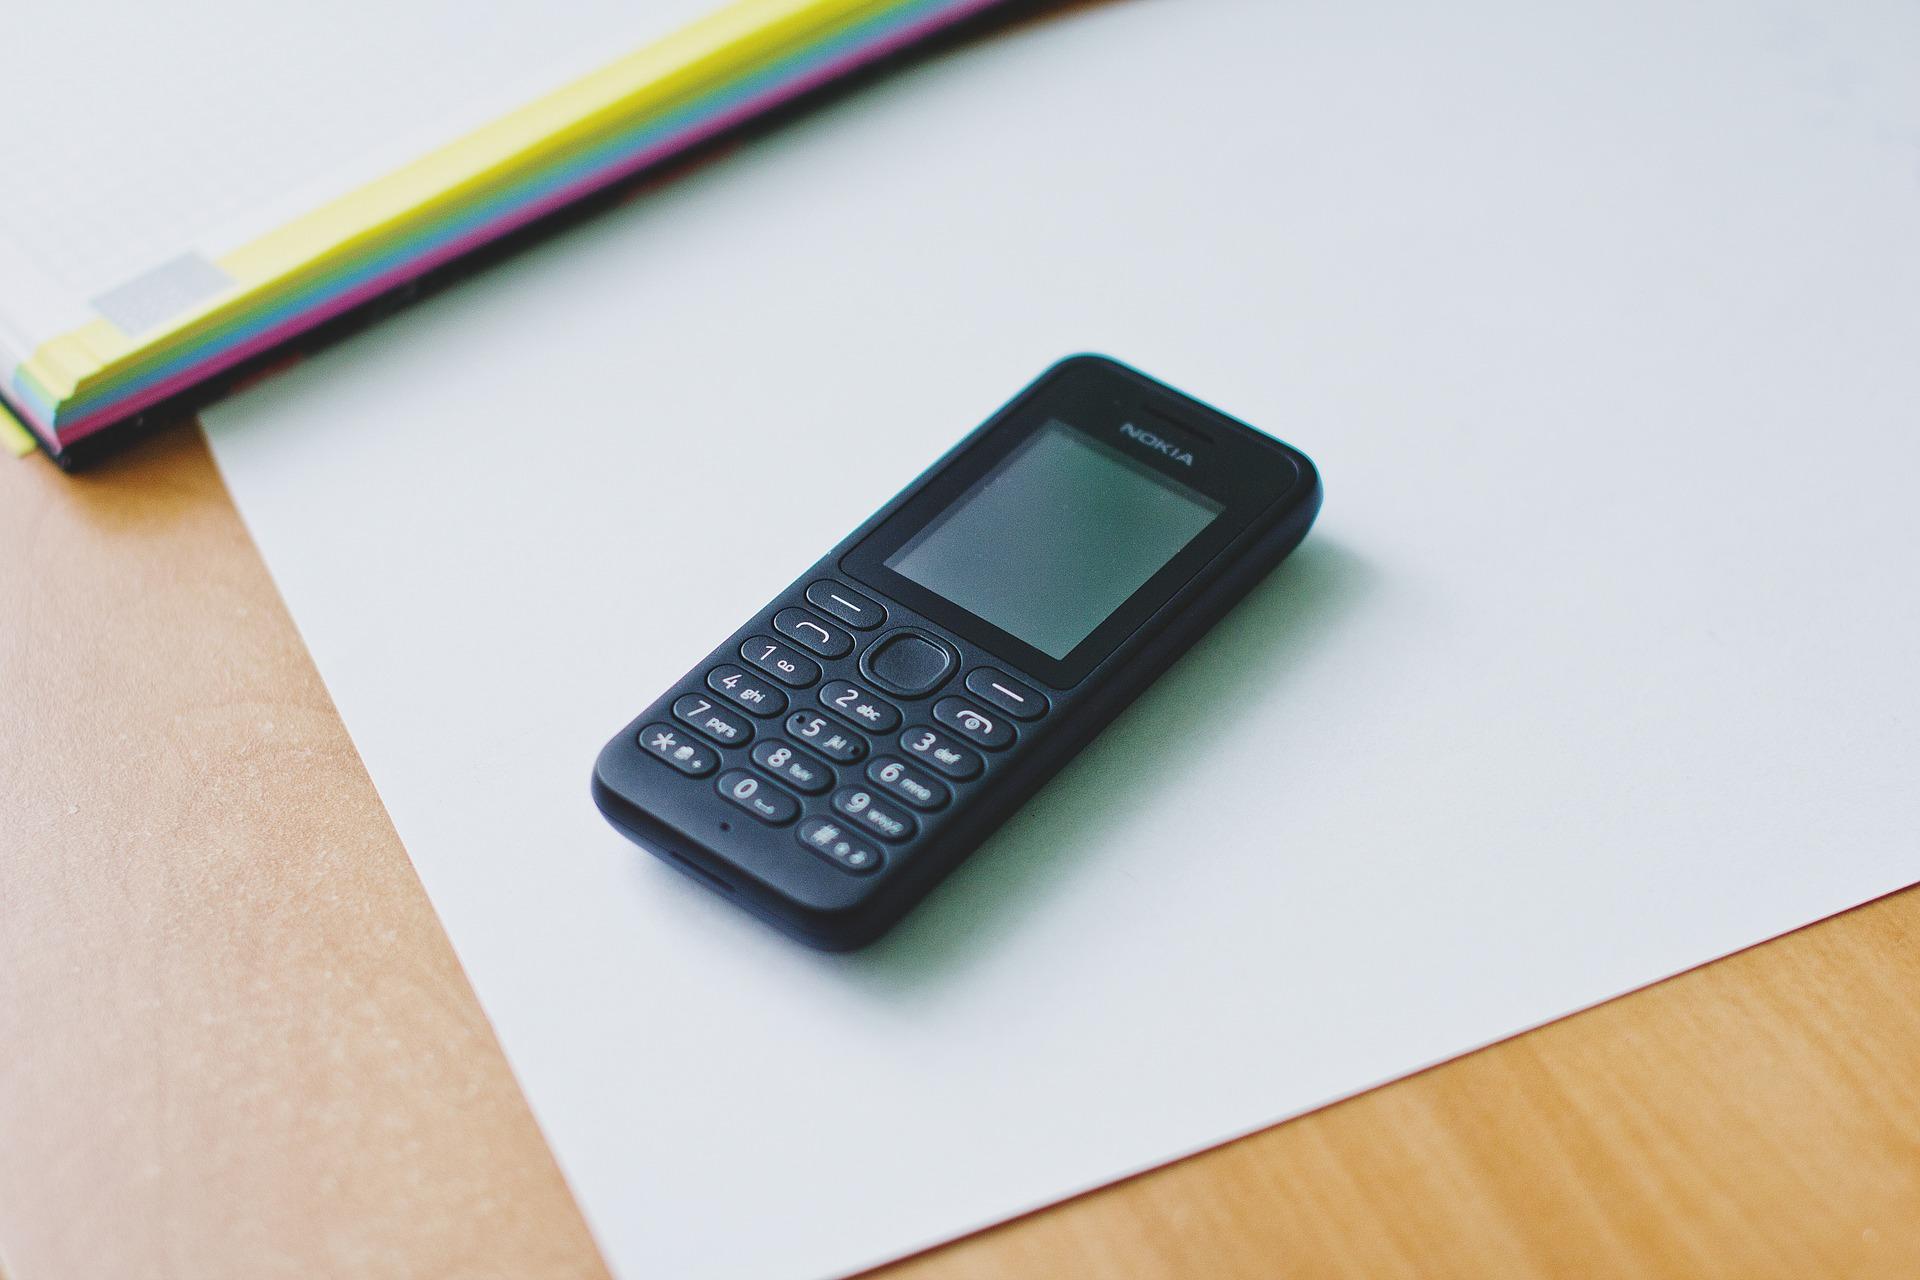 Кращі прості телефони з хорошою зв'язком: добірка моделей